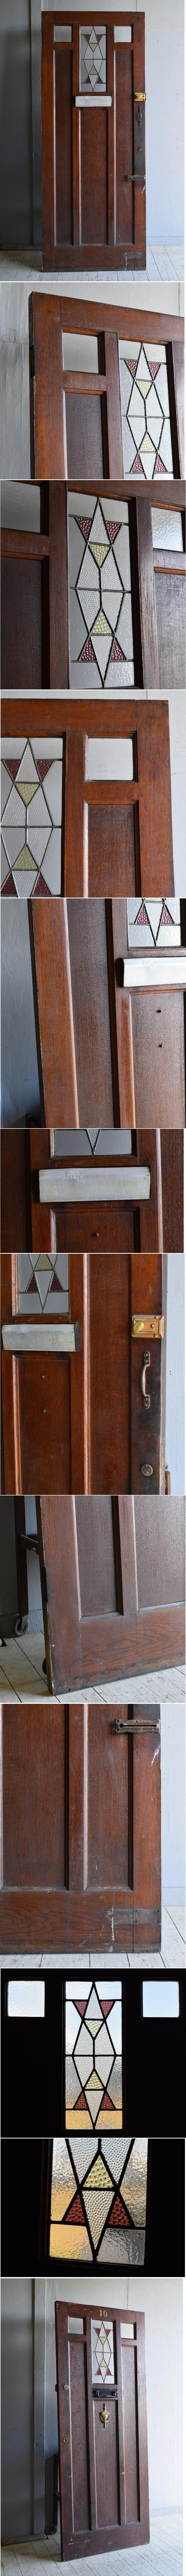 イギリス アンティーク ステンドグラス入り木製ドア 扉 建具 8291